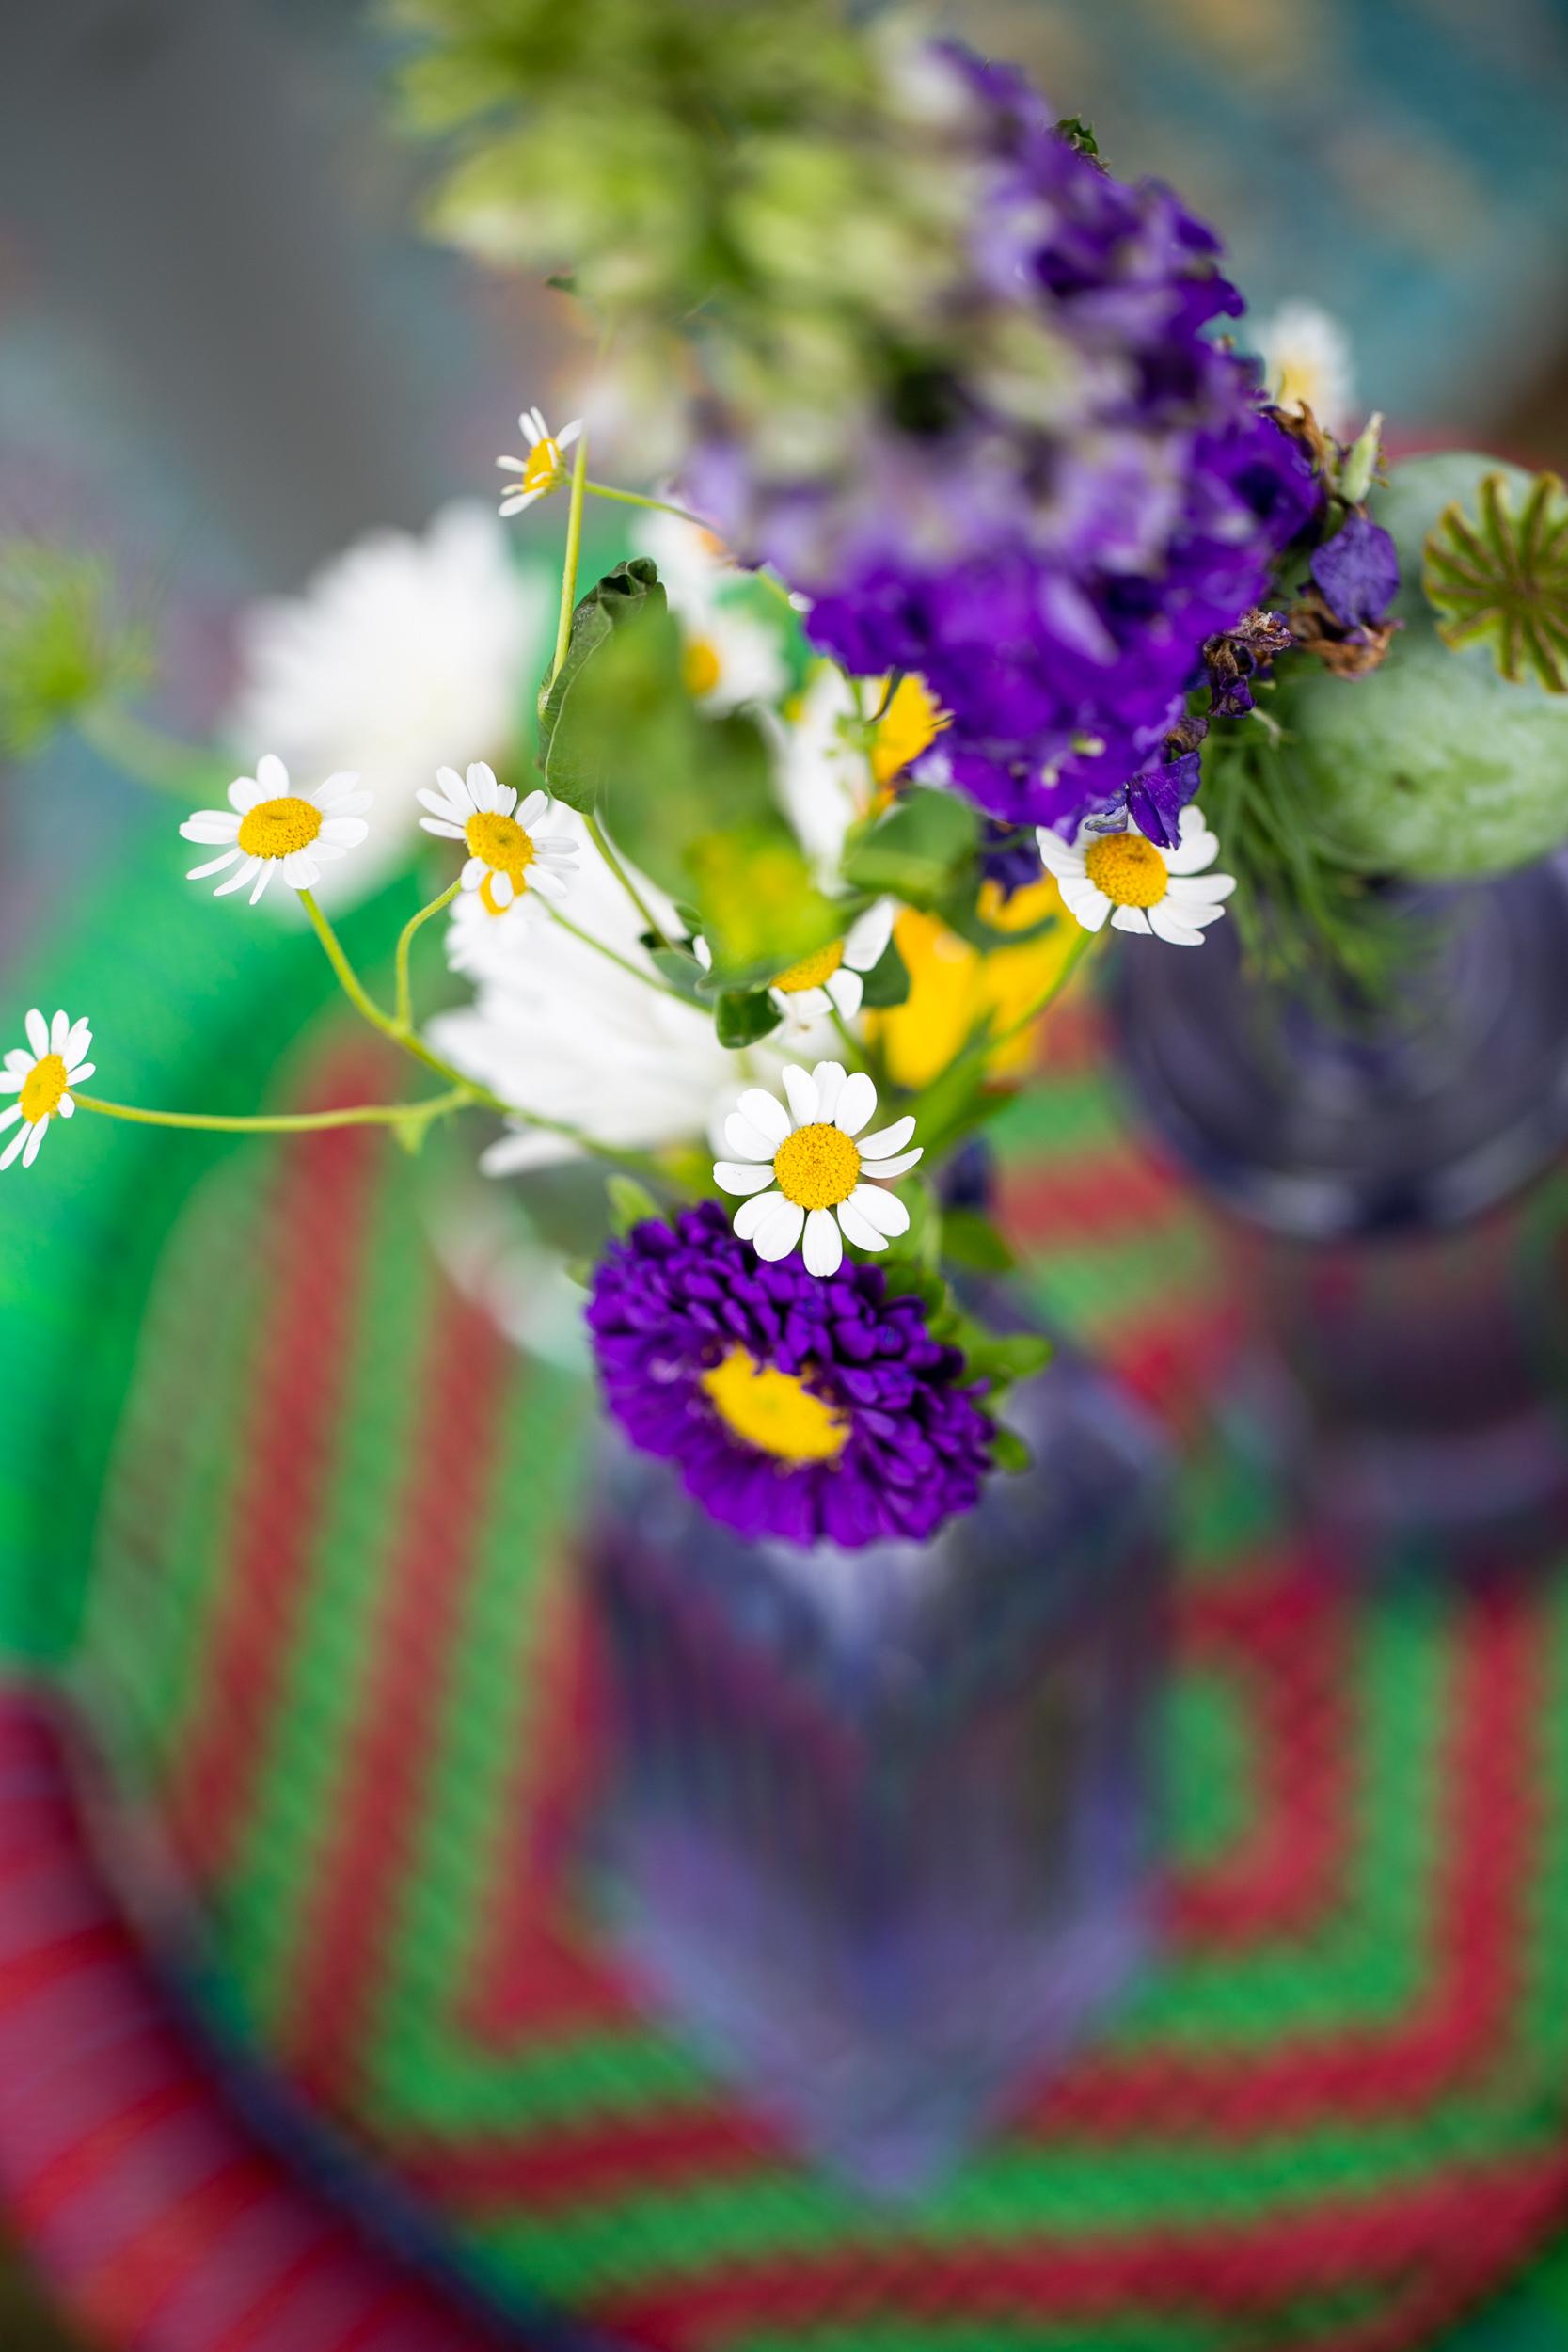 Coachella_Graduation_Party_Malloy_Events_Production_floral_arrangement